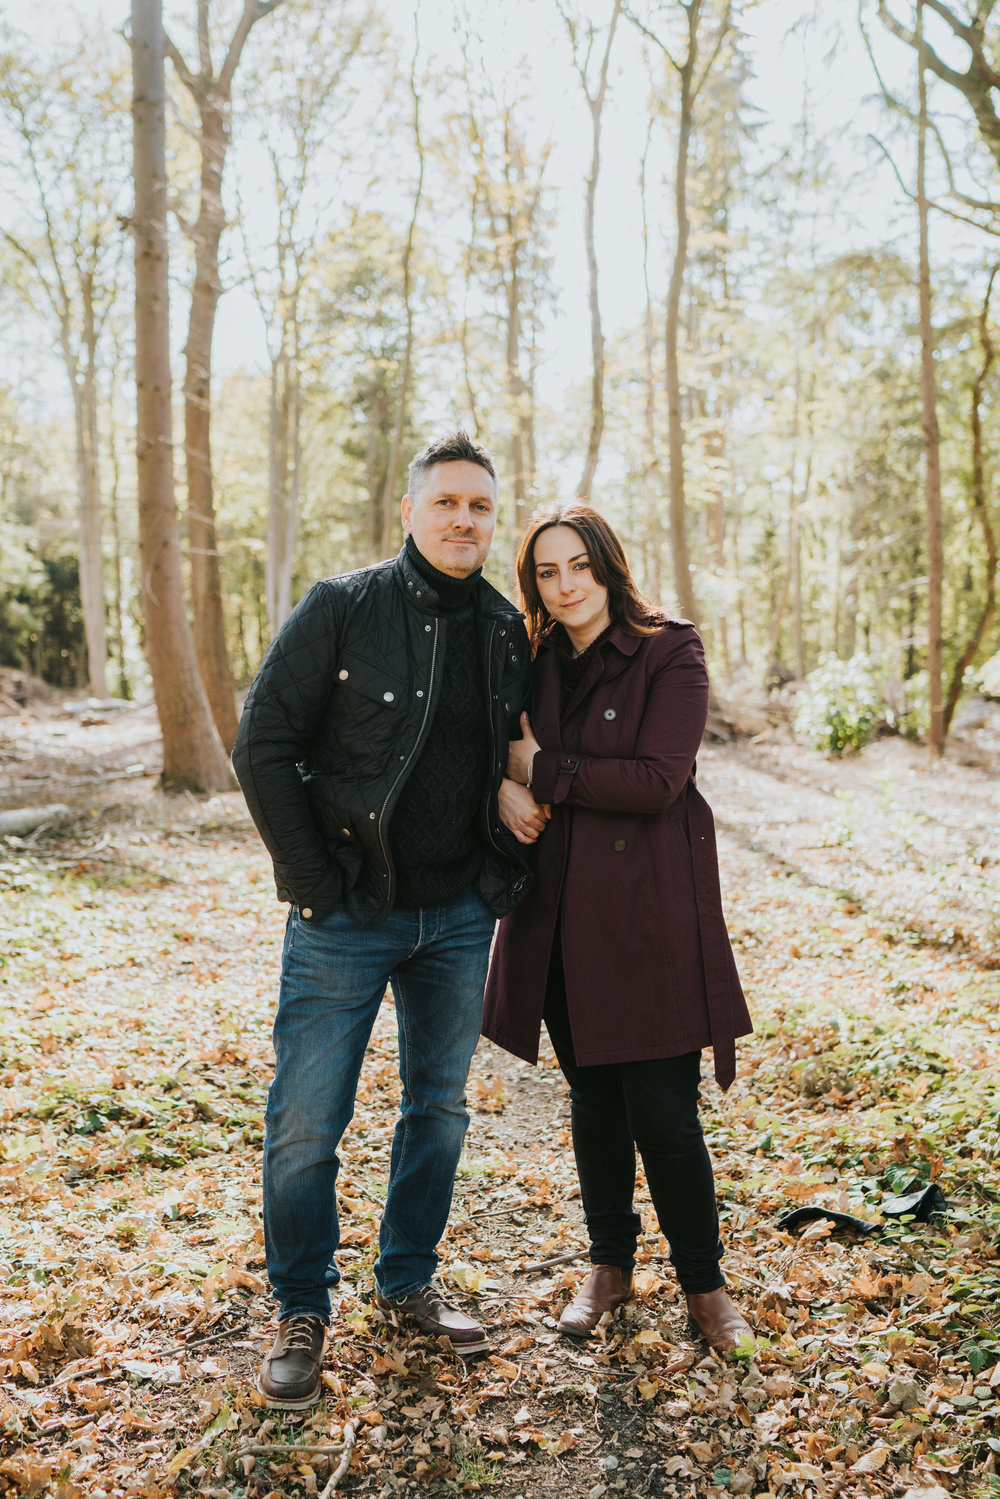 dow-woodland-family-session-colchester-essex-grace-elizabeth-colchester-essex-alternative-wedding-lifestyle-photographer-essex-suffolk-norfolk-devon (30 of 31).jpg